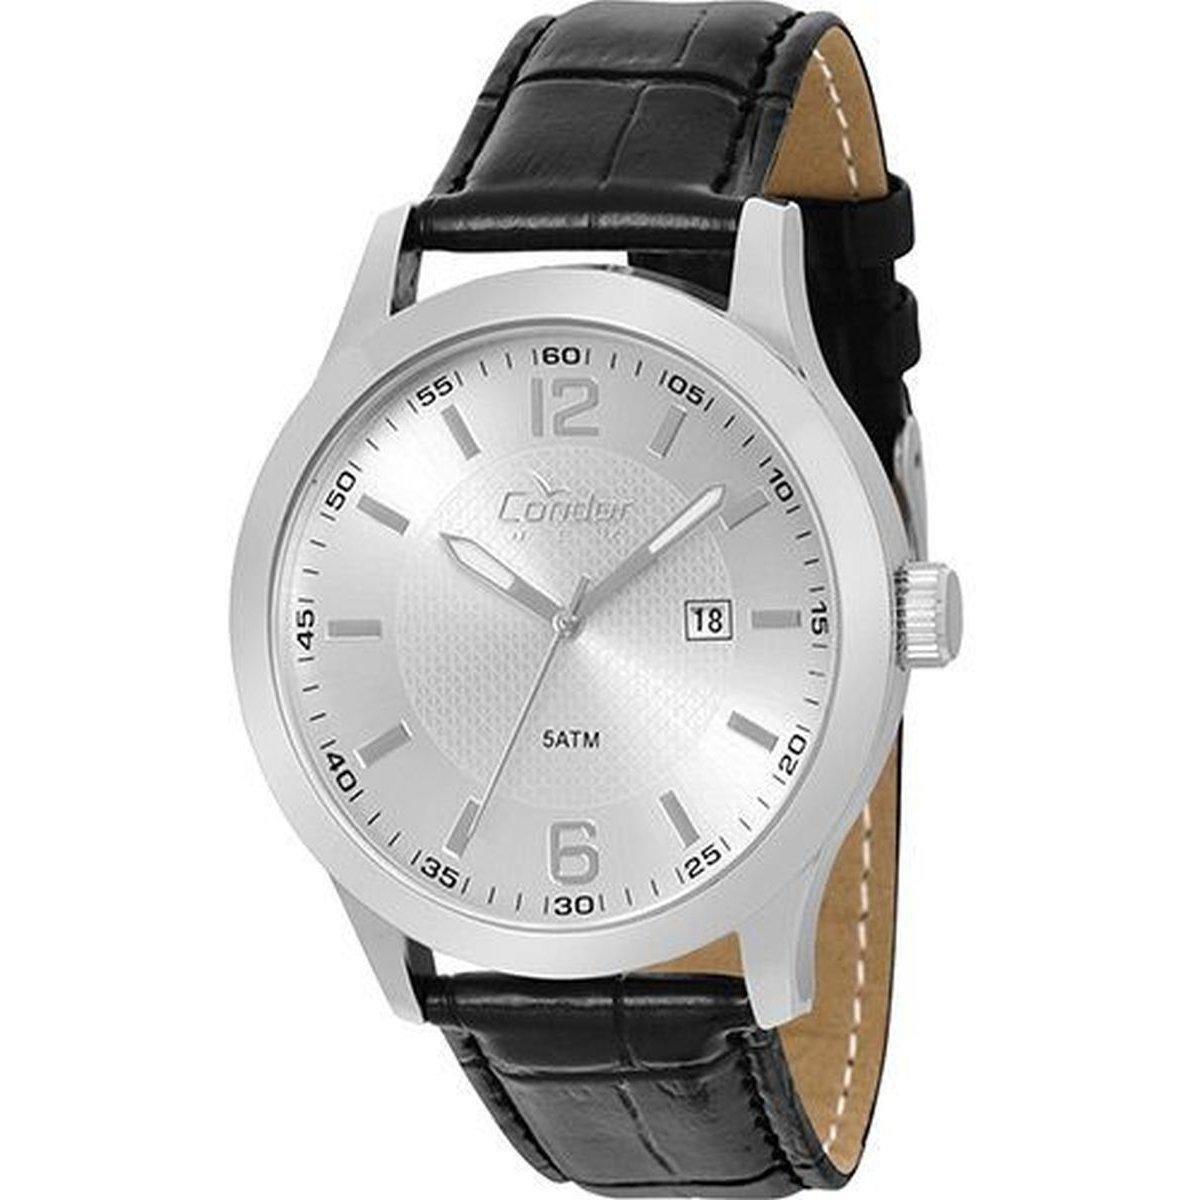 32892bec9f2 Relógio Masculino Technos Analogico Classic Golf - Compre Agora ...